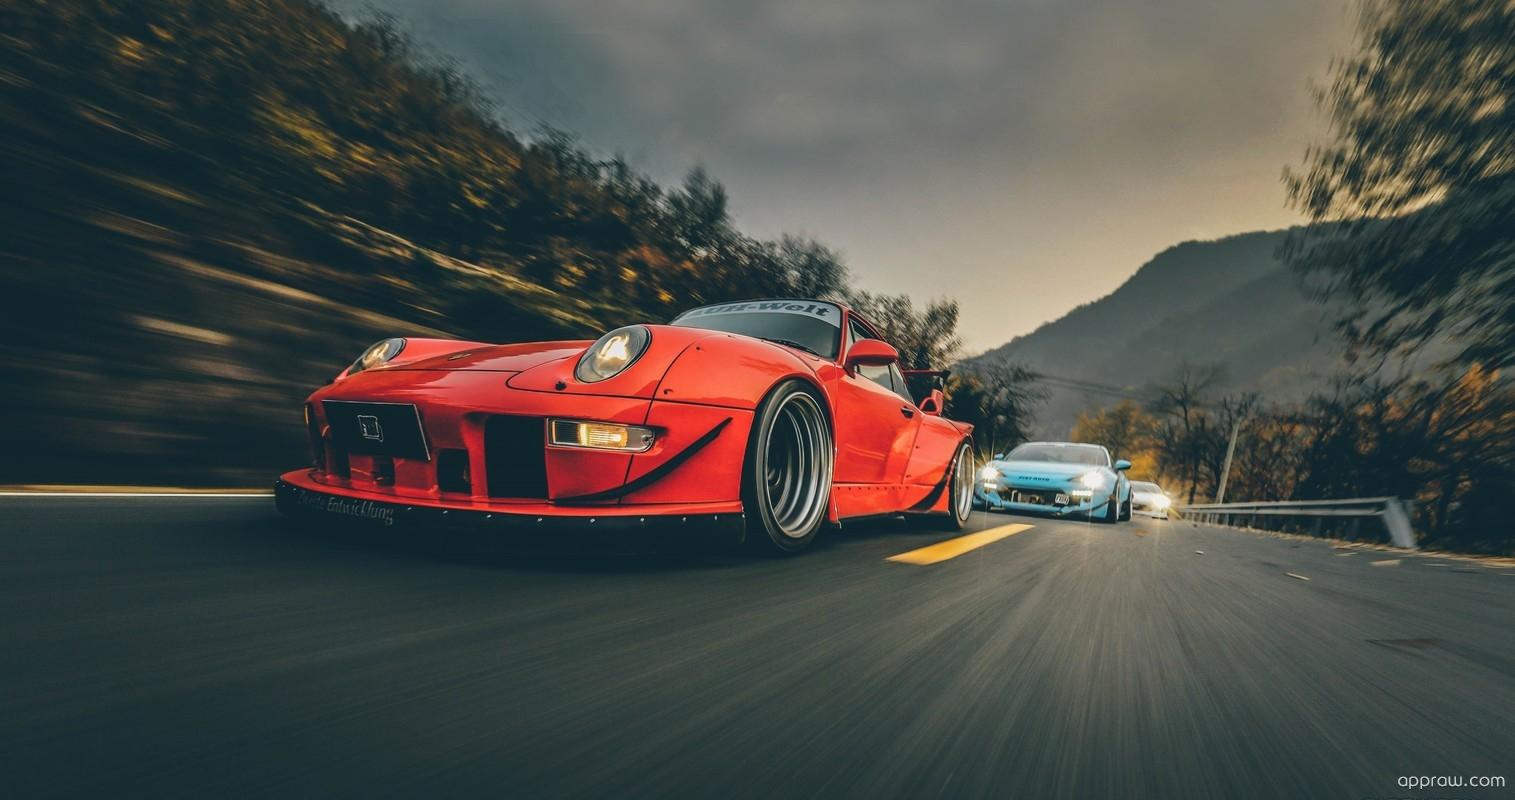 Porsche 911 993 Wallpaper Download Porsche Hd